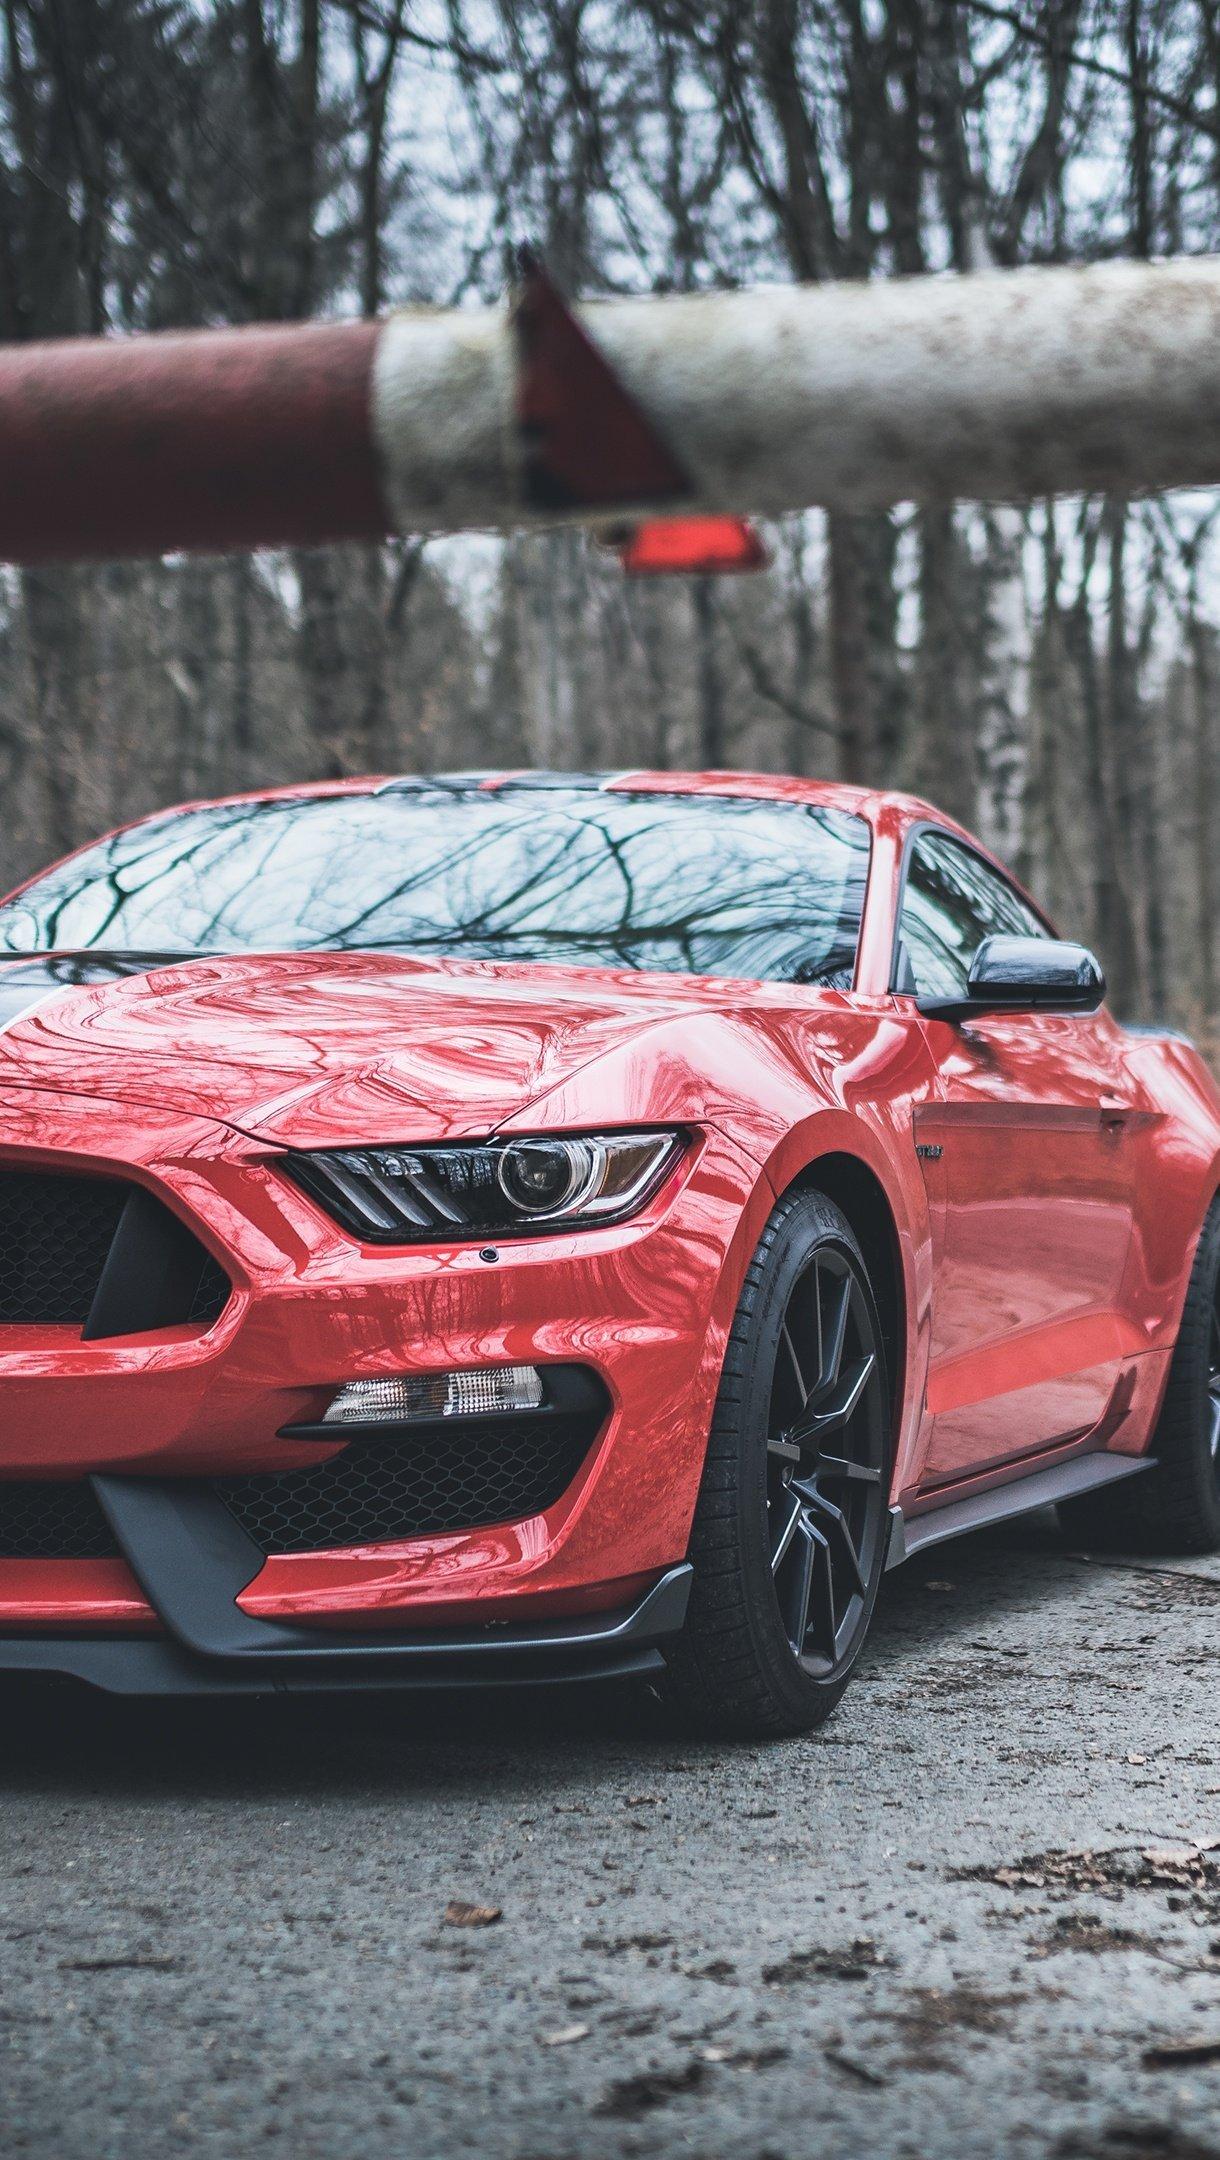 Fondos de pantalla Ford Mustang Shelby GT350 rojo con rayas negras Vertical